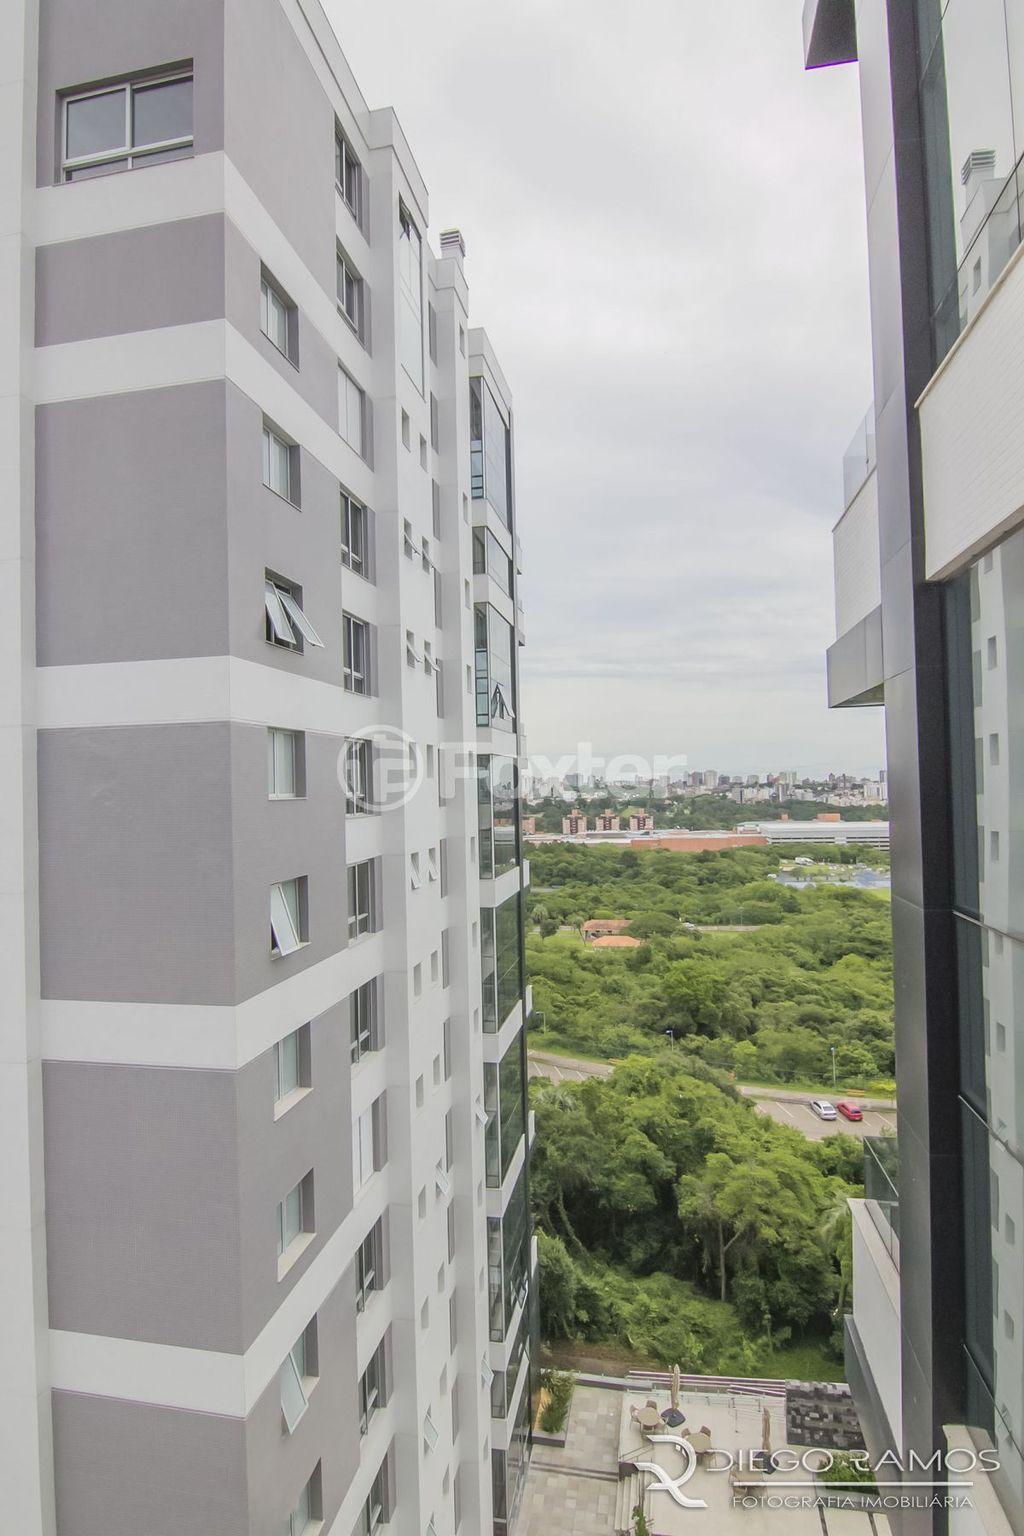 Apto 3 Dorm, Vila Ipiranga, Porto Alegre (141876) - Foto 33